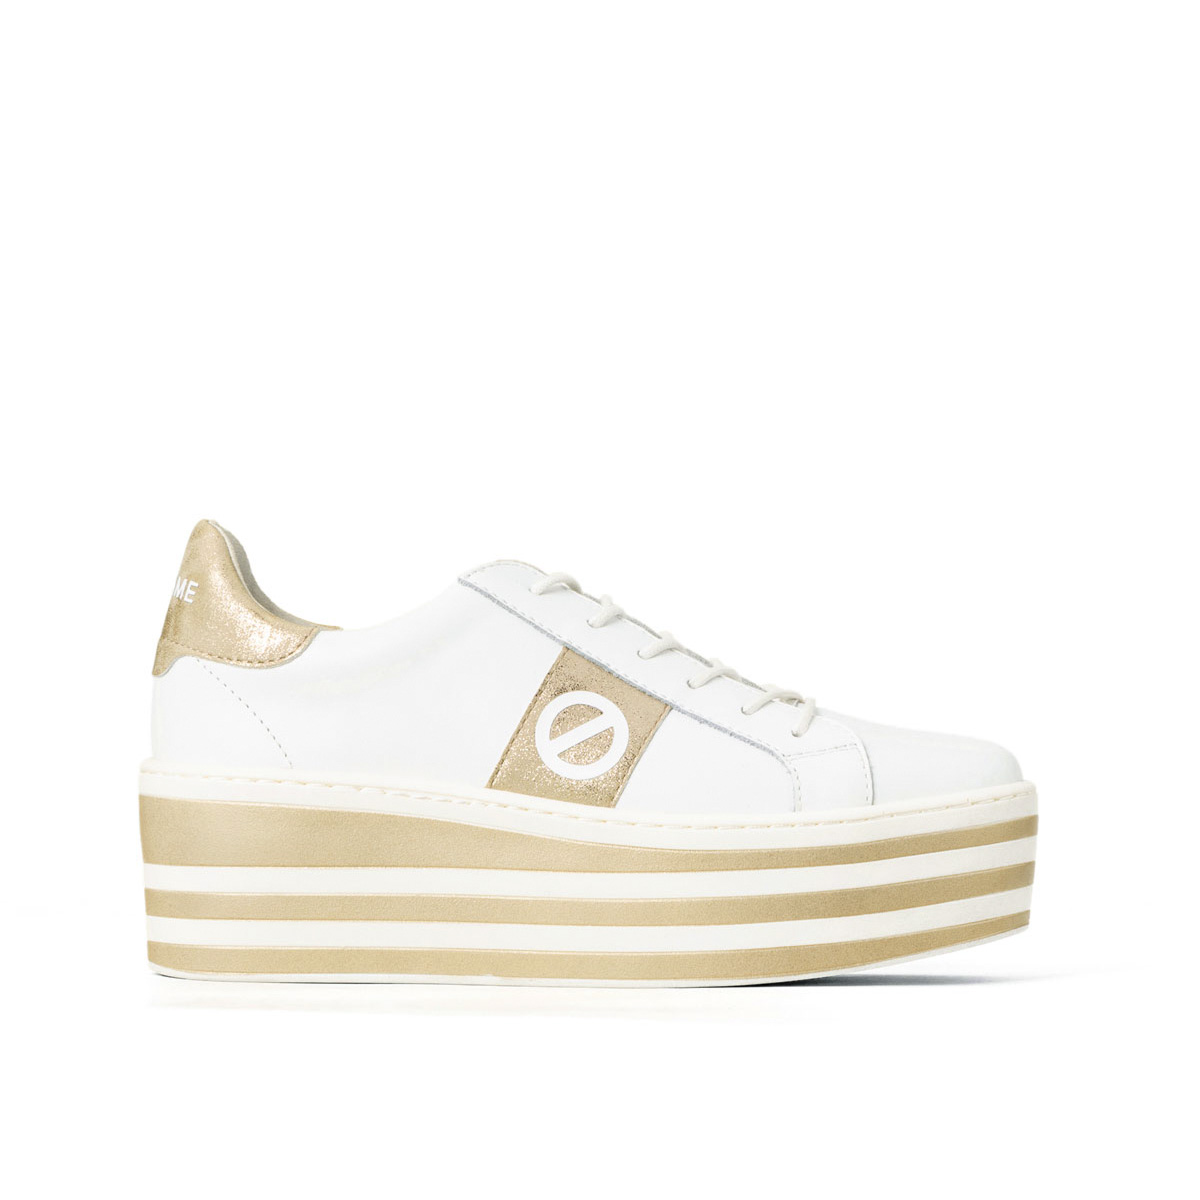 NO NAME ノーネーム BOOST-01153-WHITE/GOLD ブースト ホワイト/ゴールド